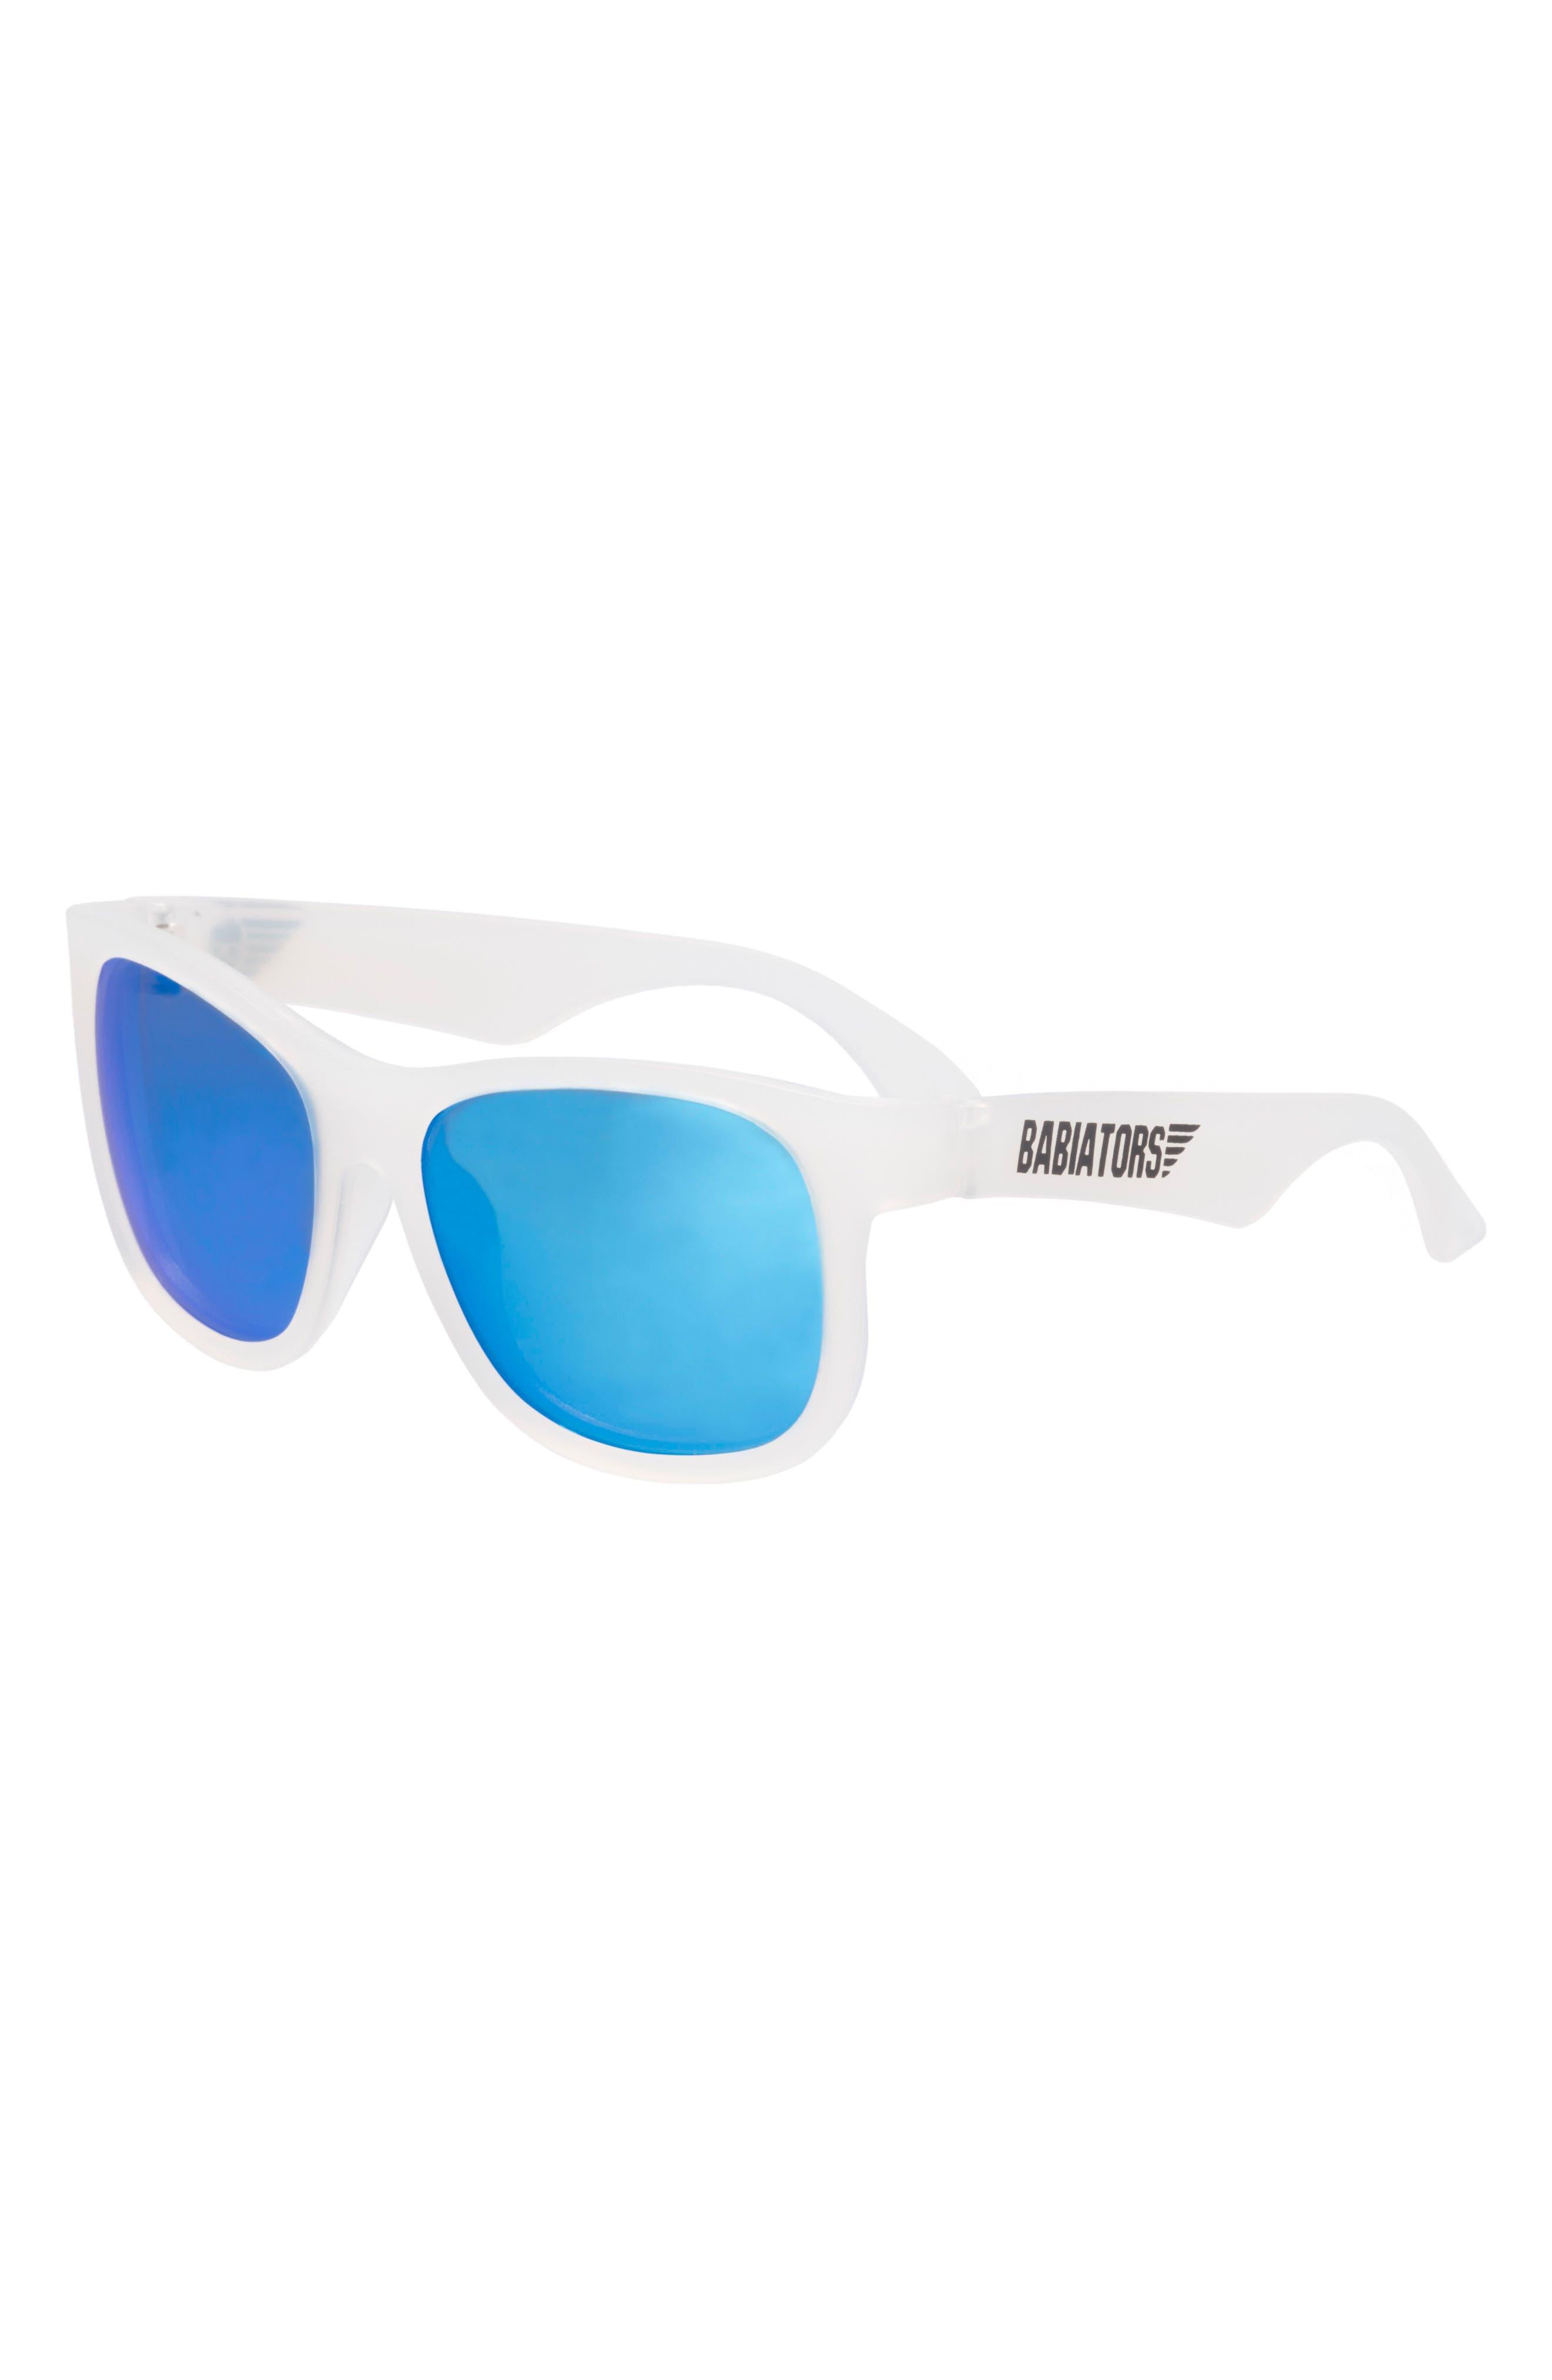 Original Navigator Sunglasses,                         Main,                         color, BLUE ICE